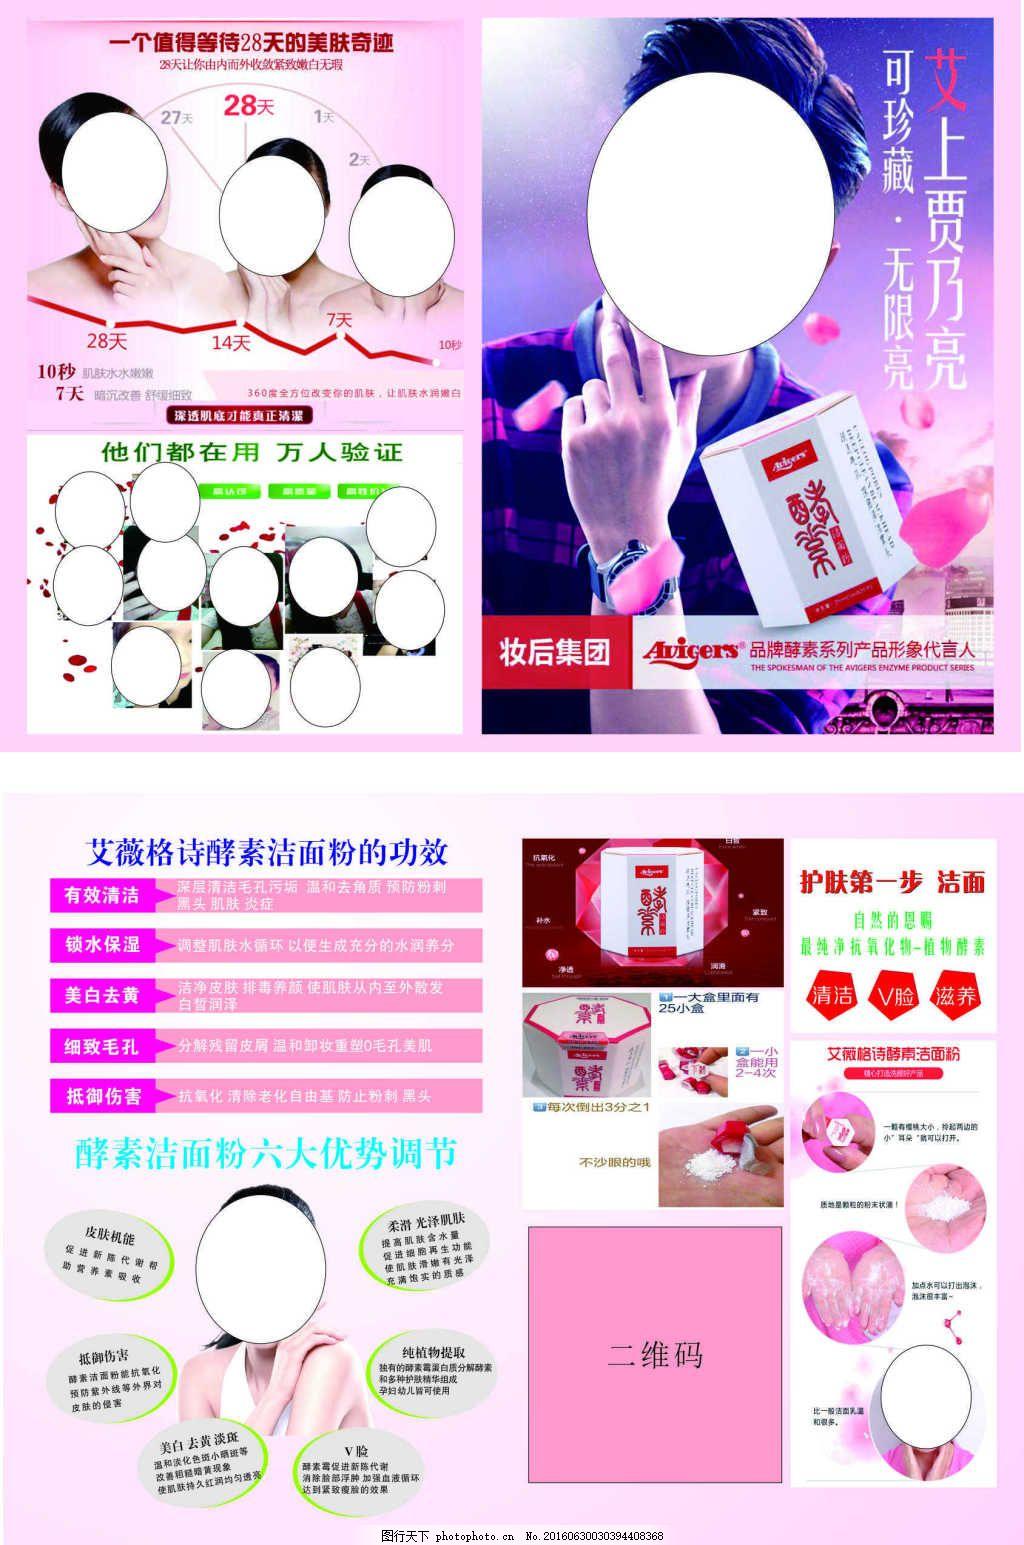 酵素洁面粉宣传单 酵素洁面粉彩页宣传单贾乃亮代言免费下载 化妆